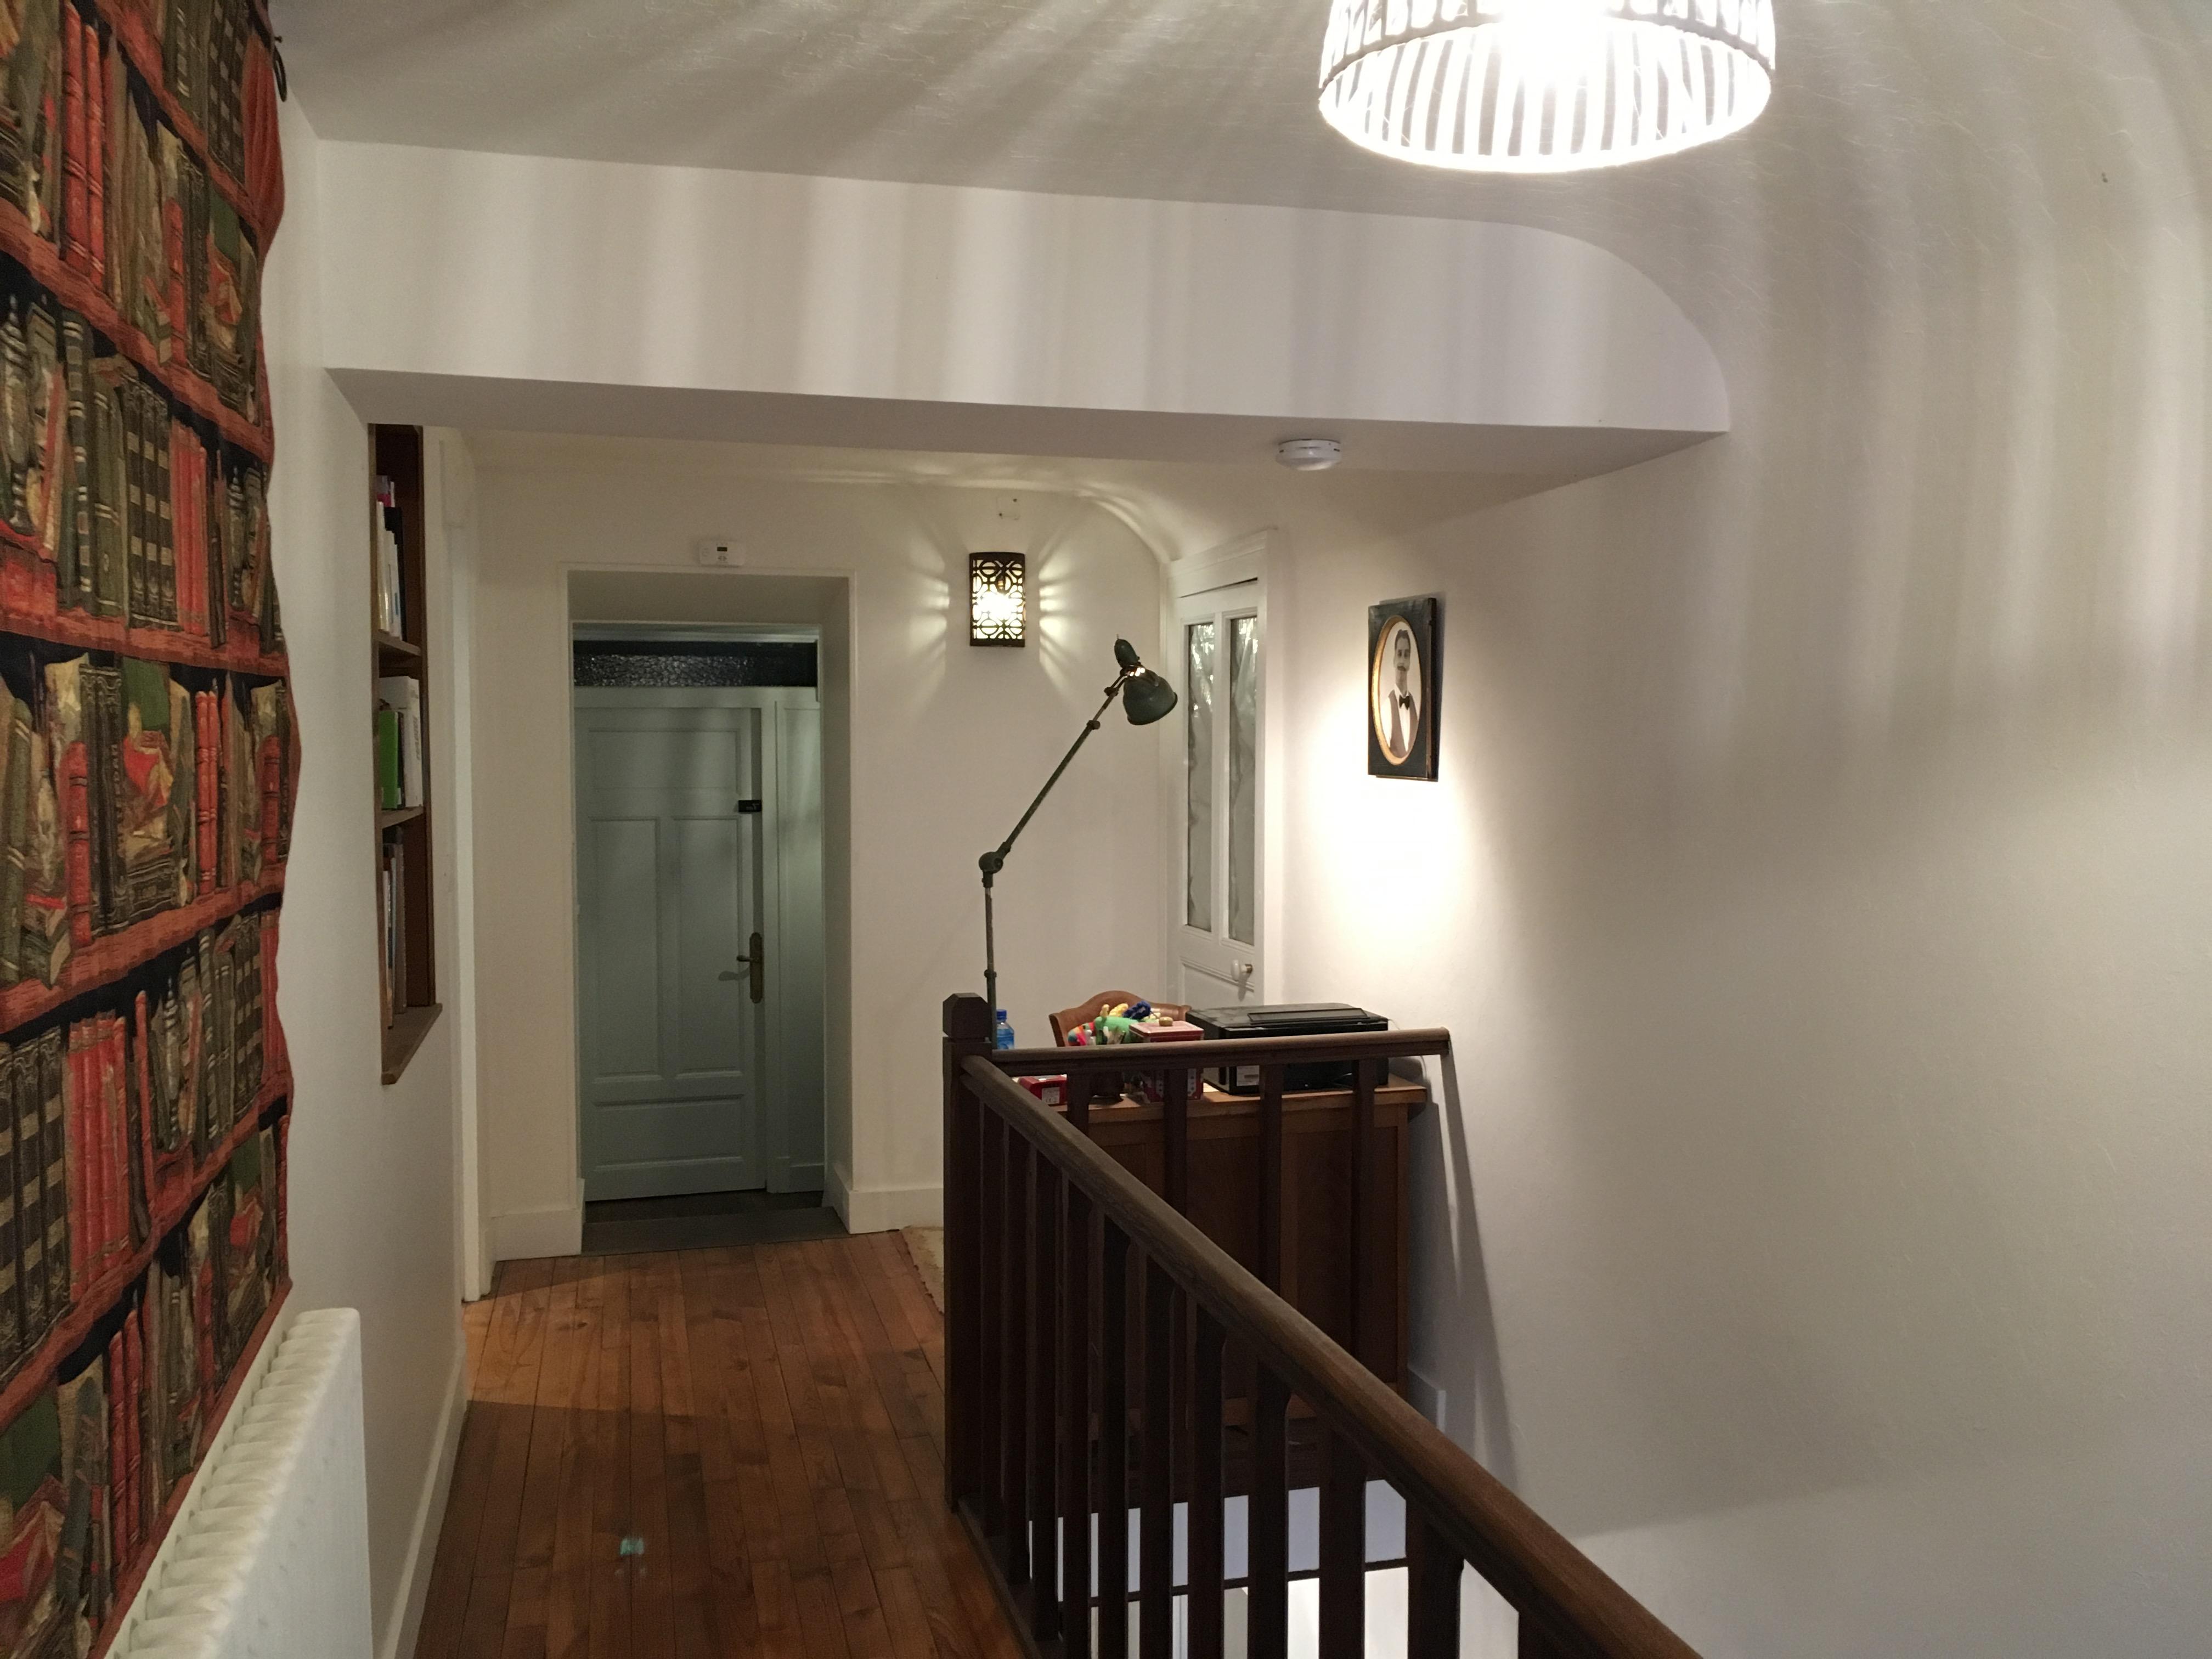 Le couloir menant aux chambres